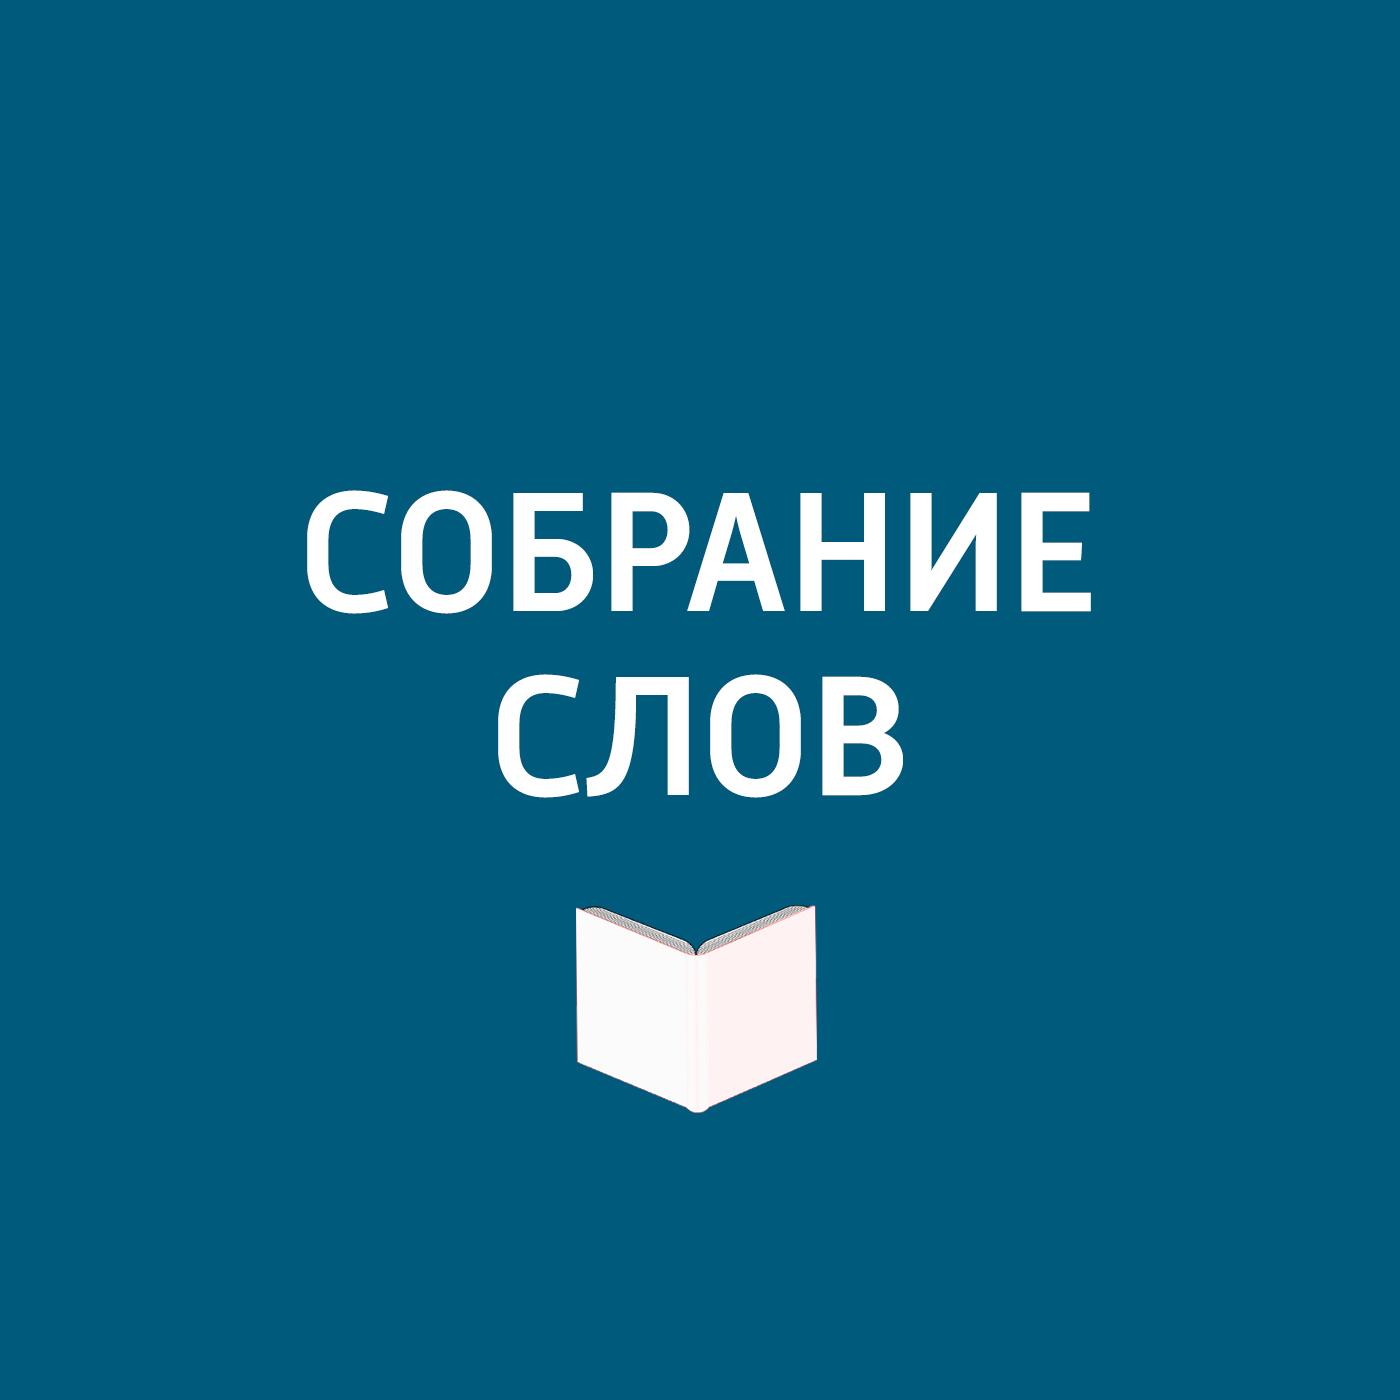 купить Творческий коллектив программы «Собрание слов» Большое интервью Сергея Зайцева по цене 49 рублей